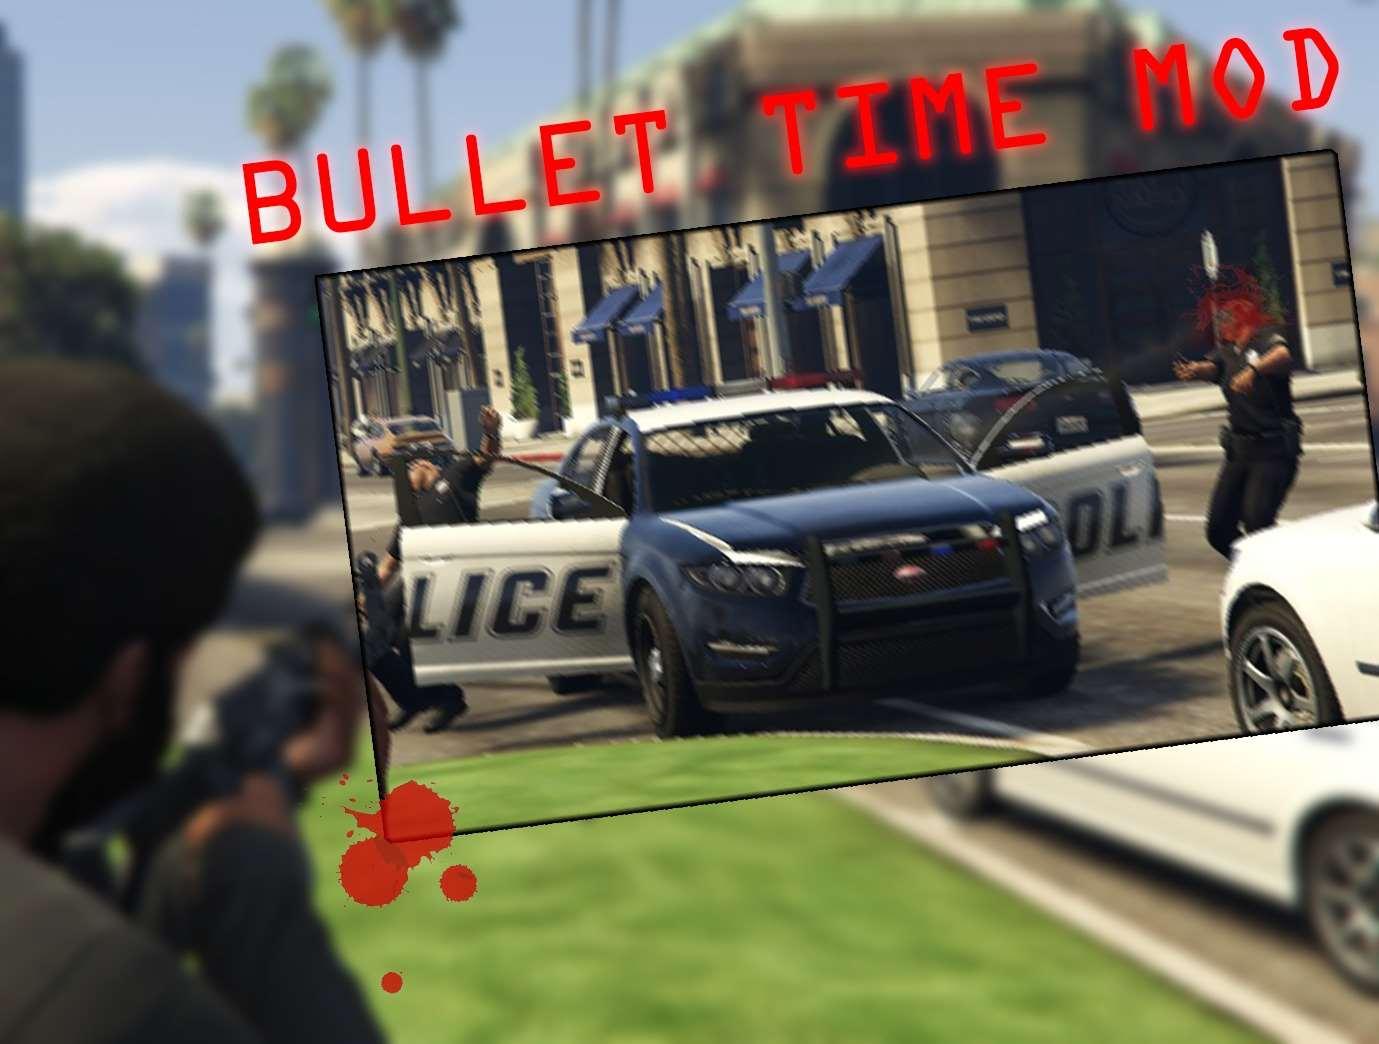 d1de01-BulletTimeModScreen